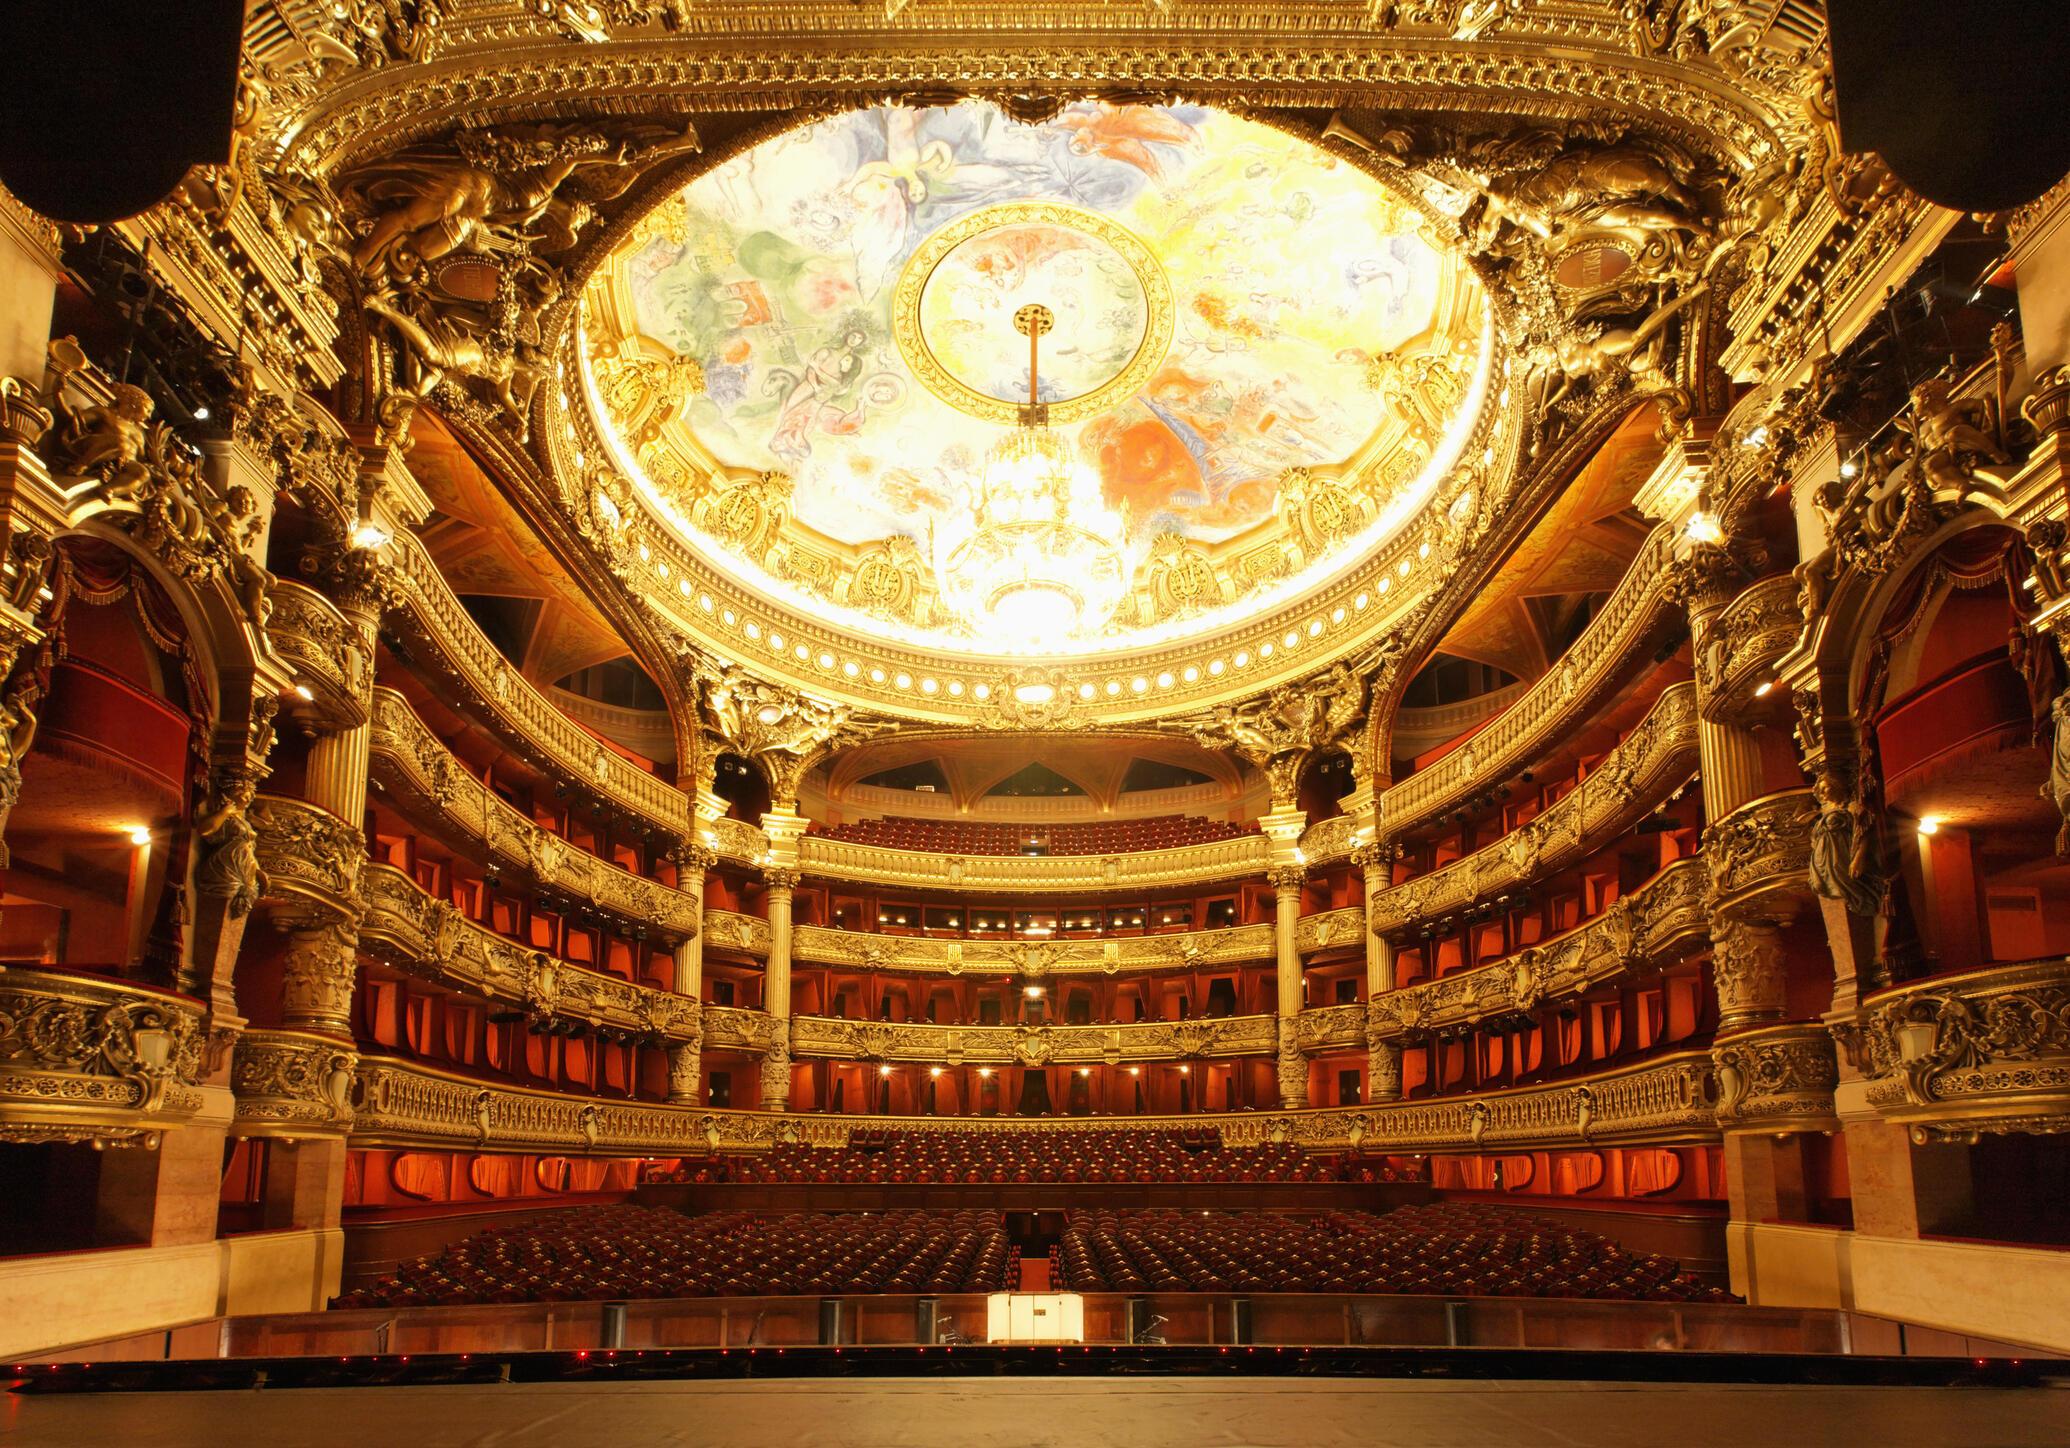 藝術家夏卡爾於1965年完成對繪製音樂廳的天花板 呈現歡快靚麗場景 帶給歌劇院加入新的元素